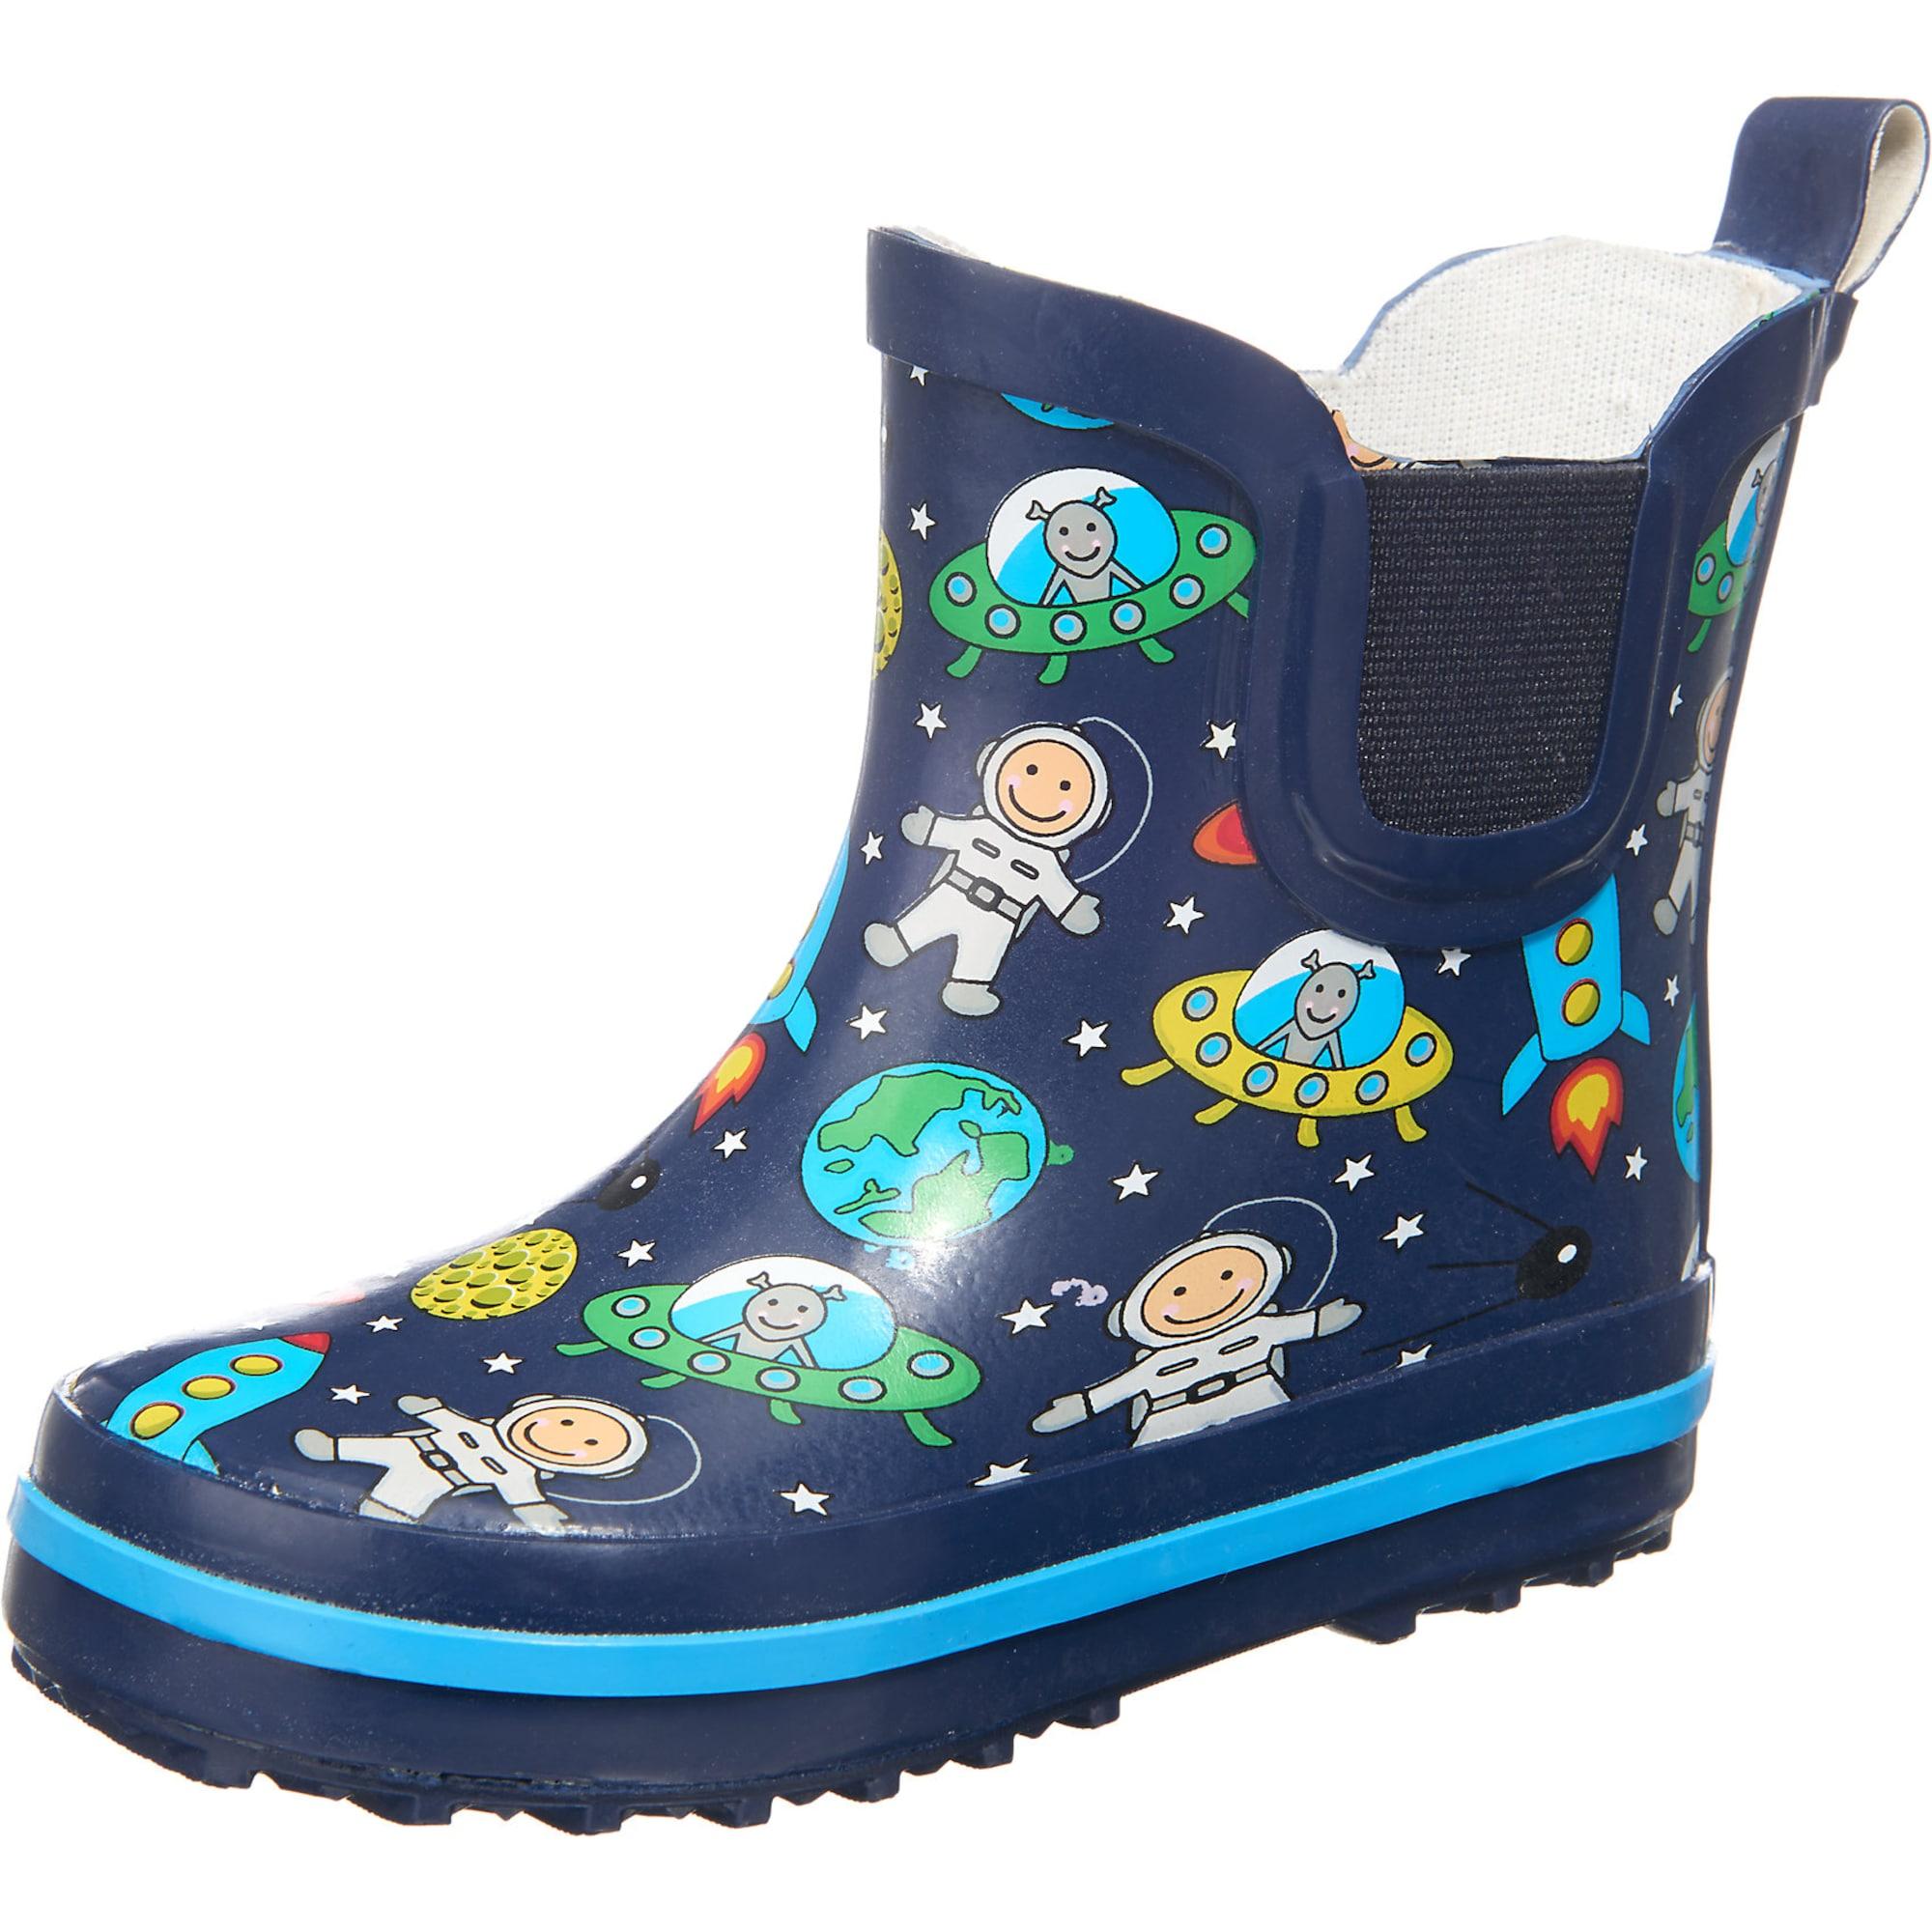 BECK Guminiai batai nakties mėlyna / mišrios spalvos